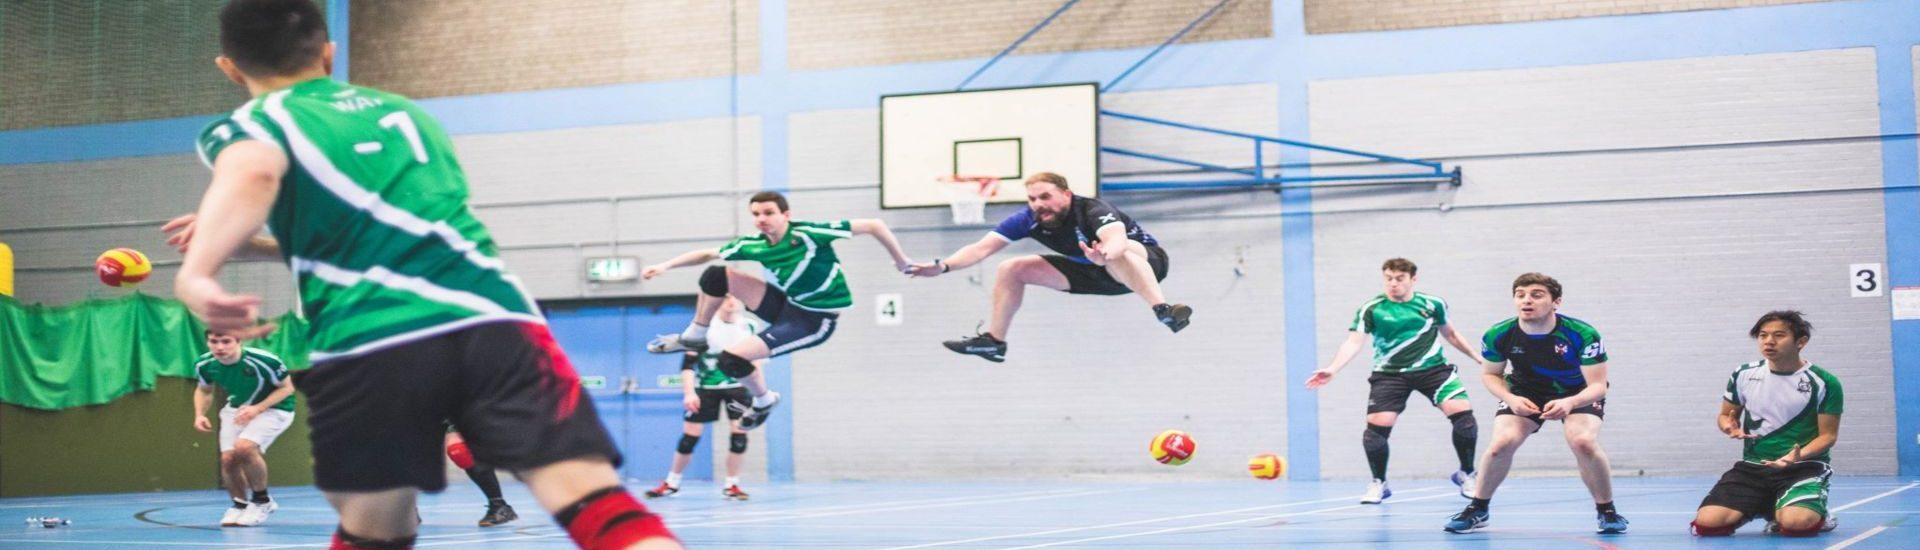 Dodgeball - Irish Sporting Tours